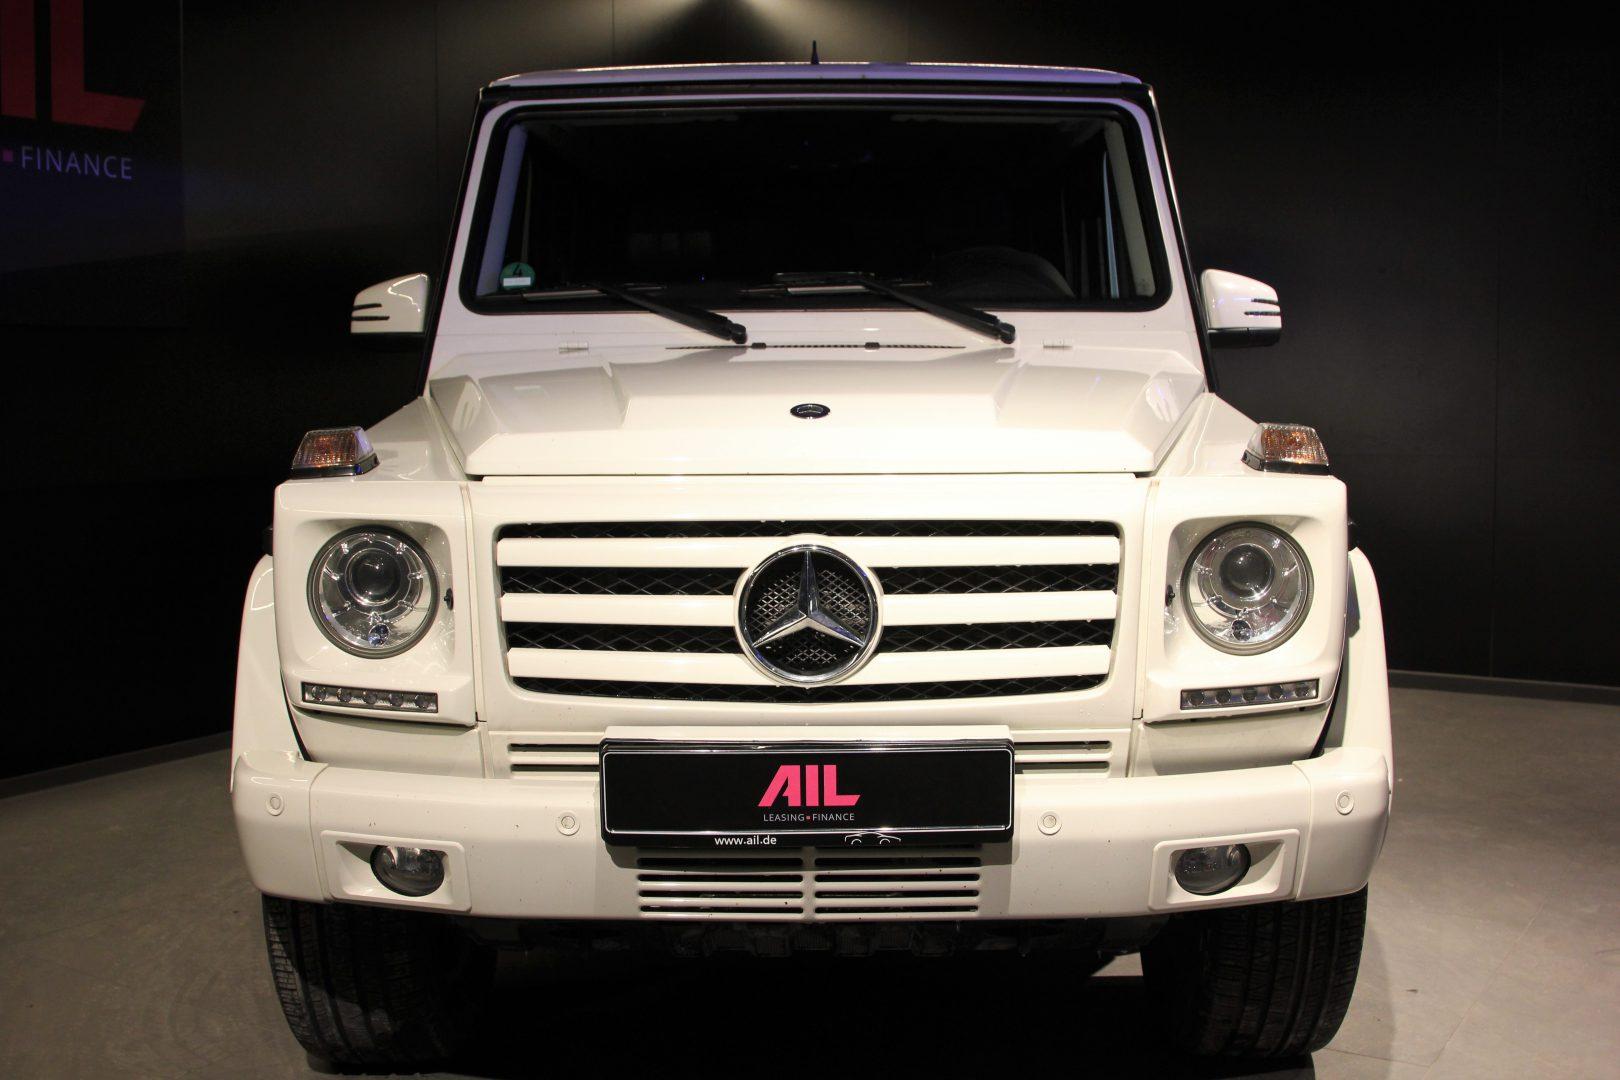 AIL Mercedes-Benz G 350 BlueTec 7